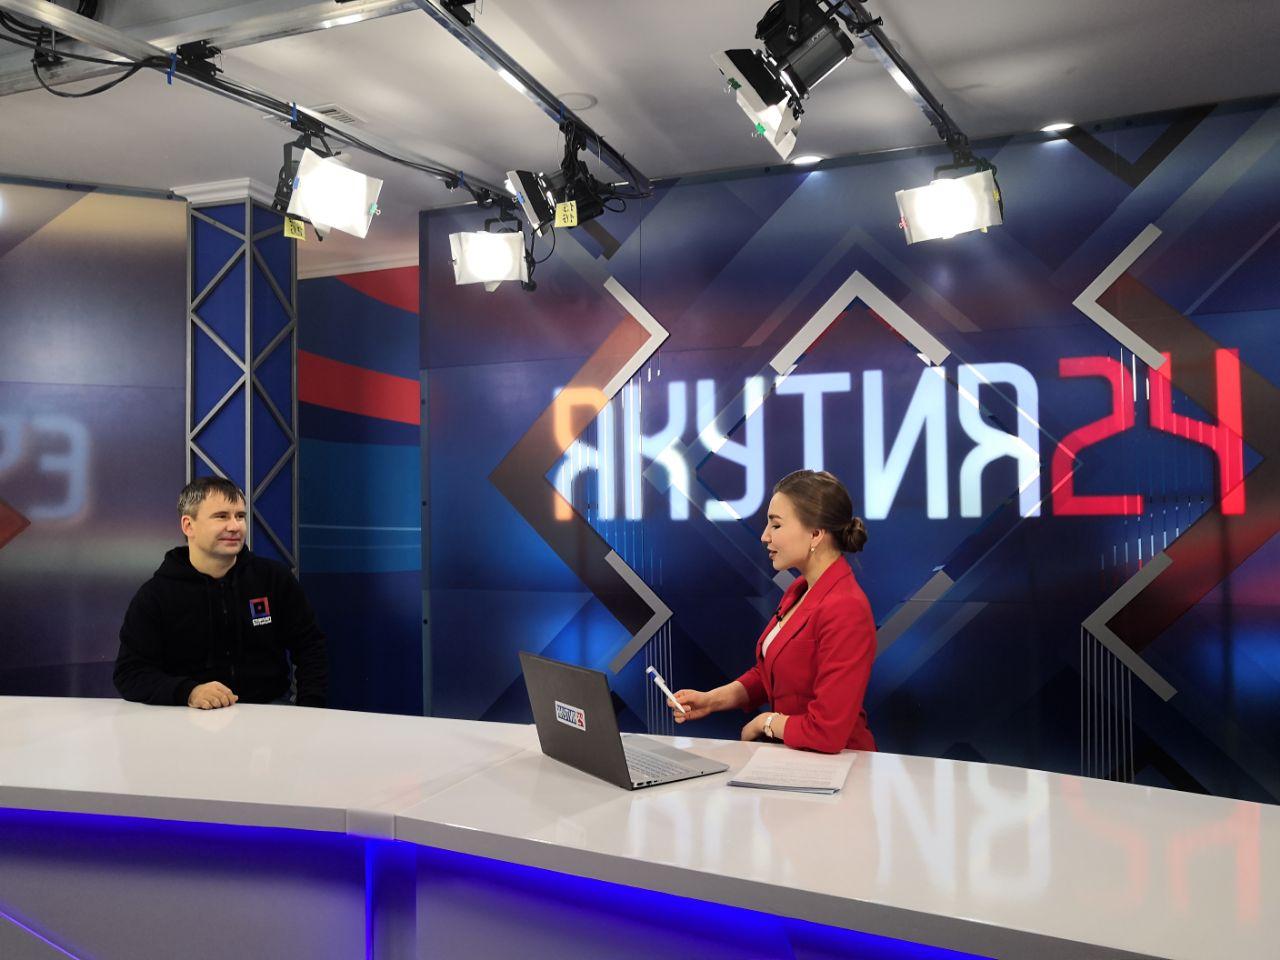 Директор IT-парка:На«Стартап Экспедиции»в Якутске ждем смелые инновационныепроекты